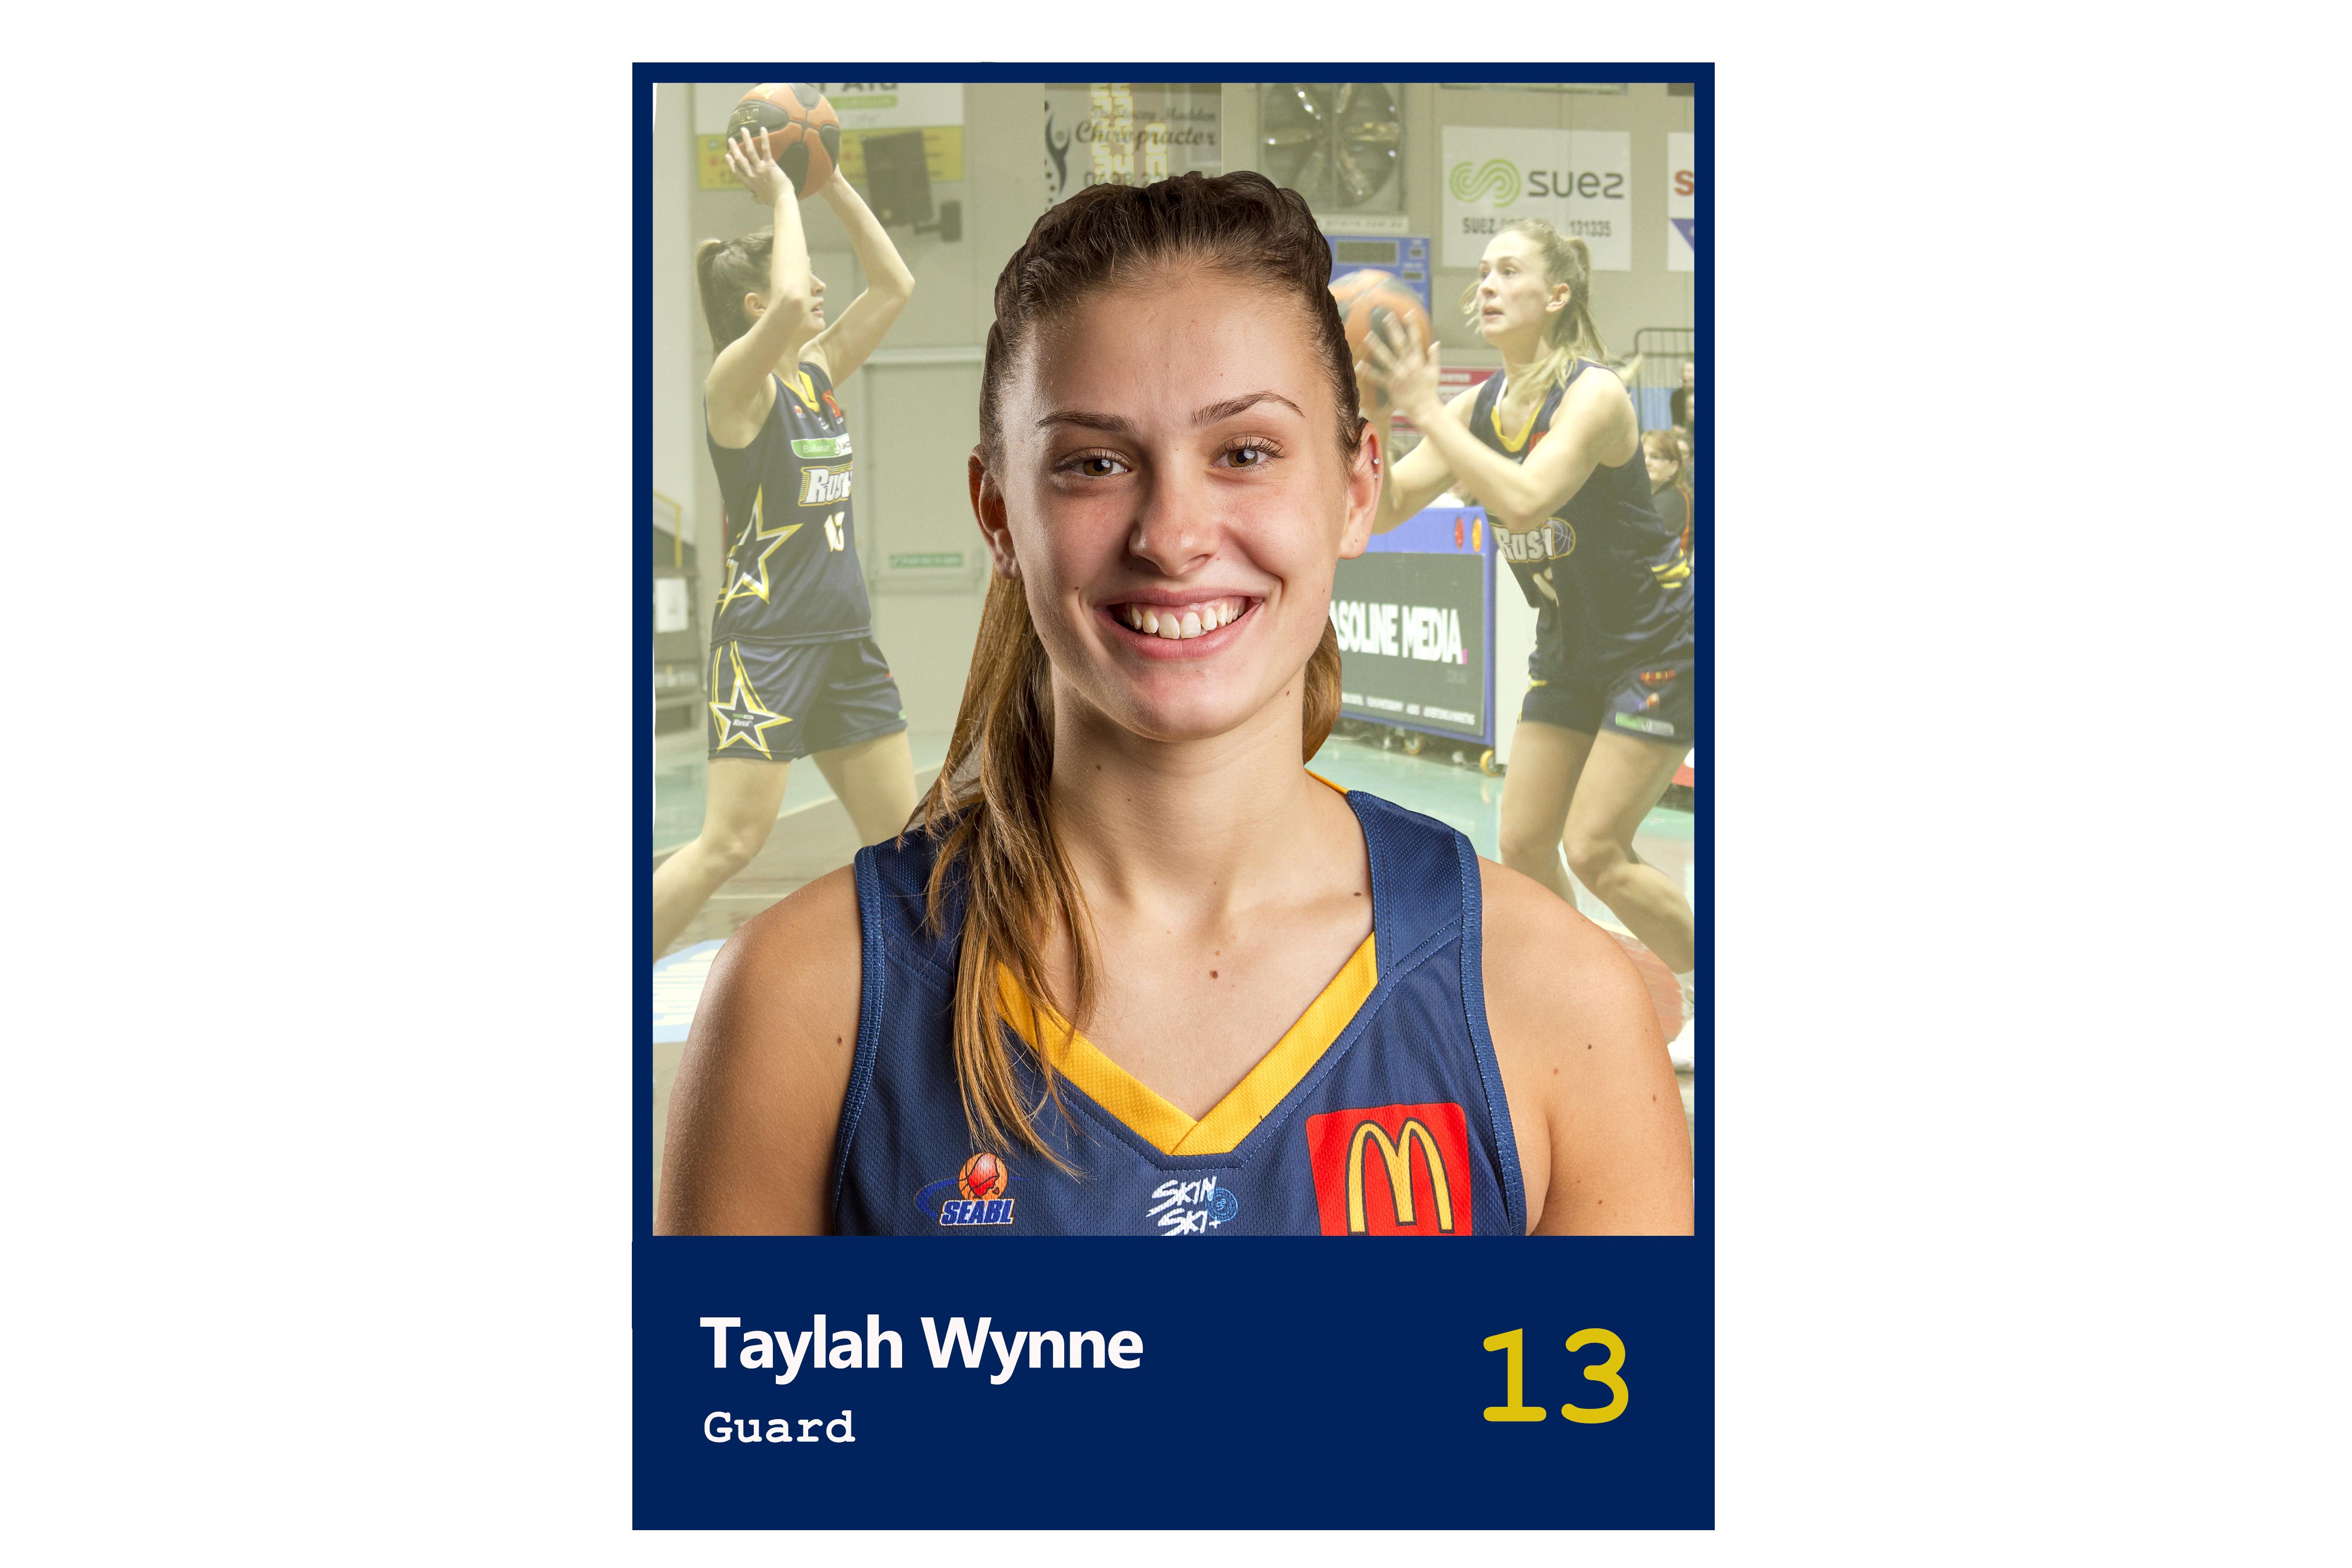 Taylah Wynne